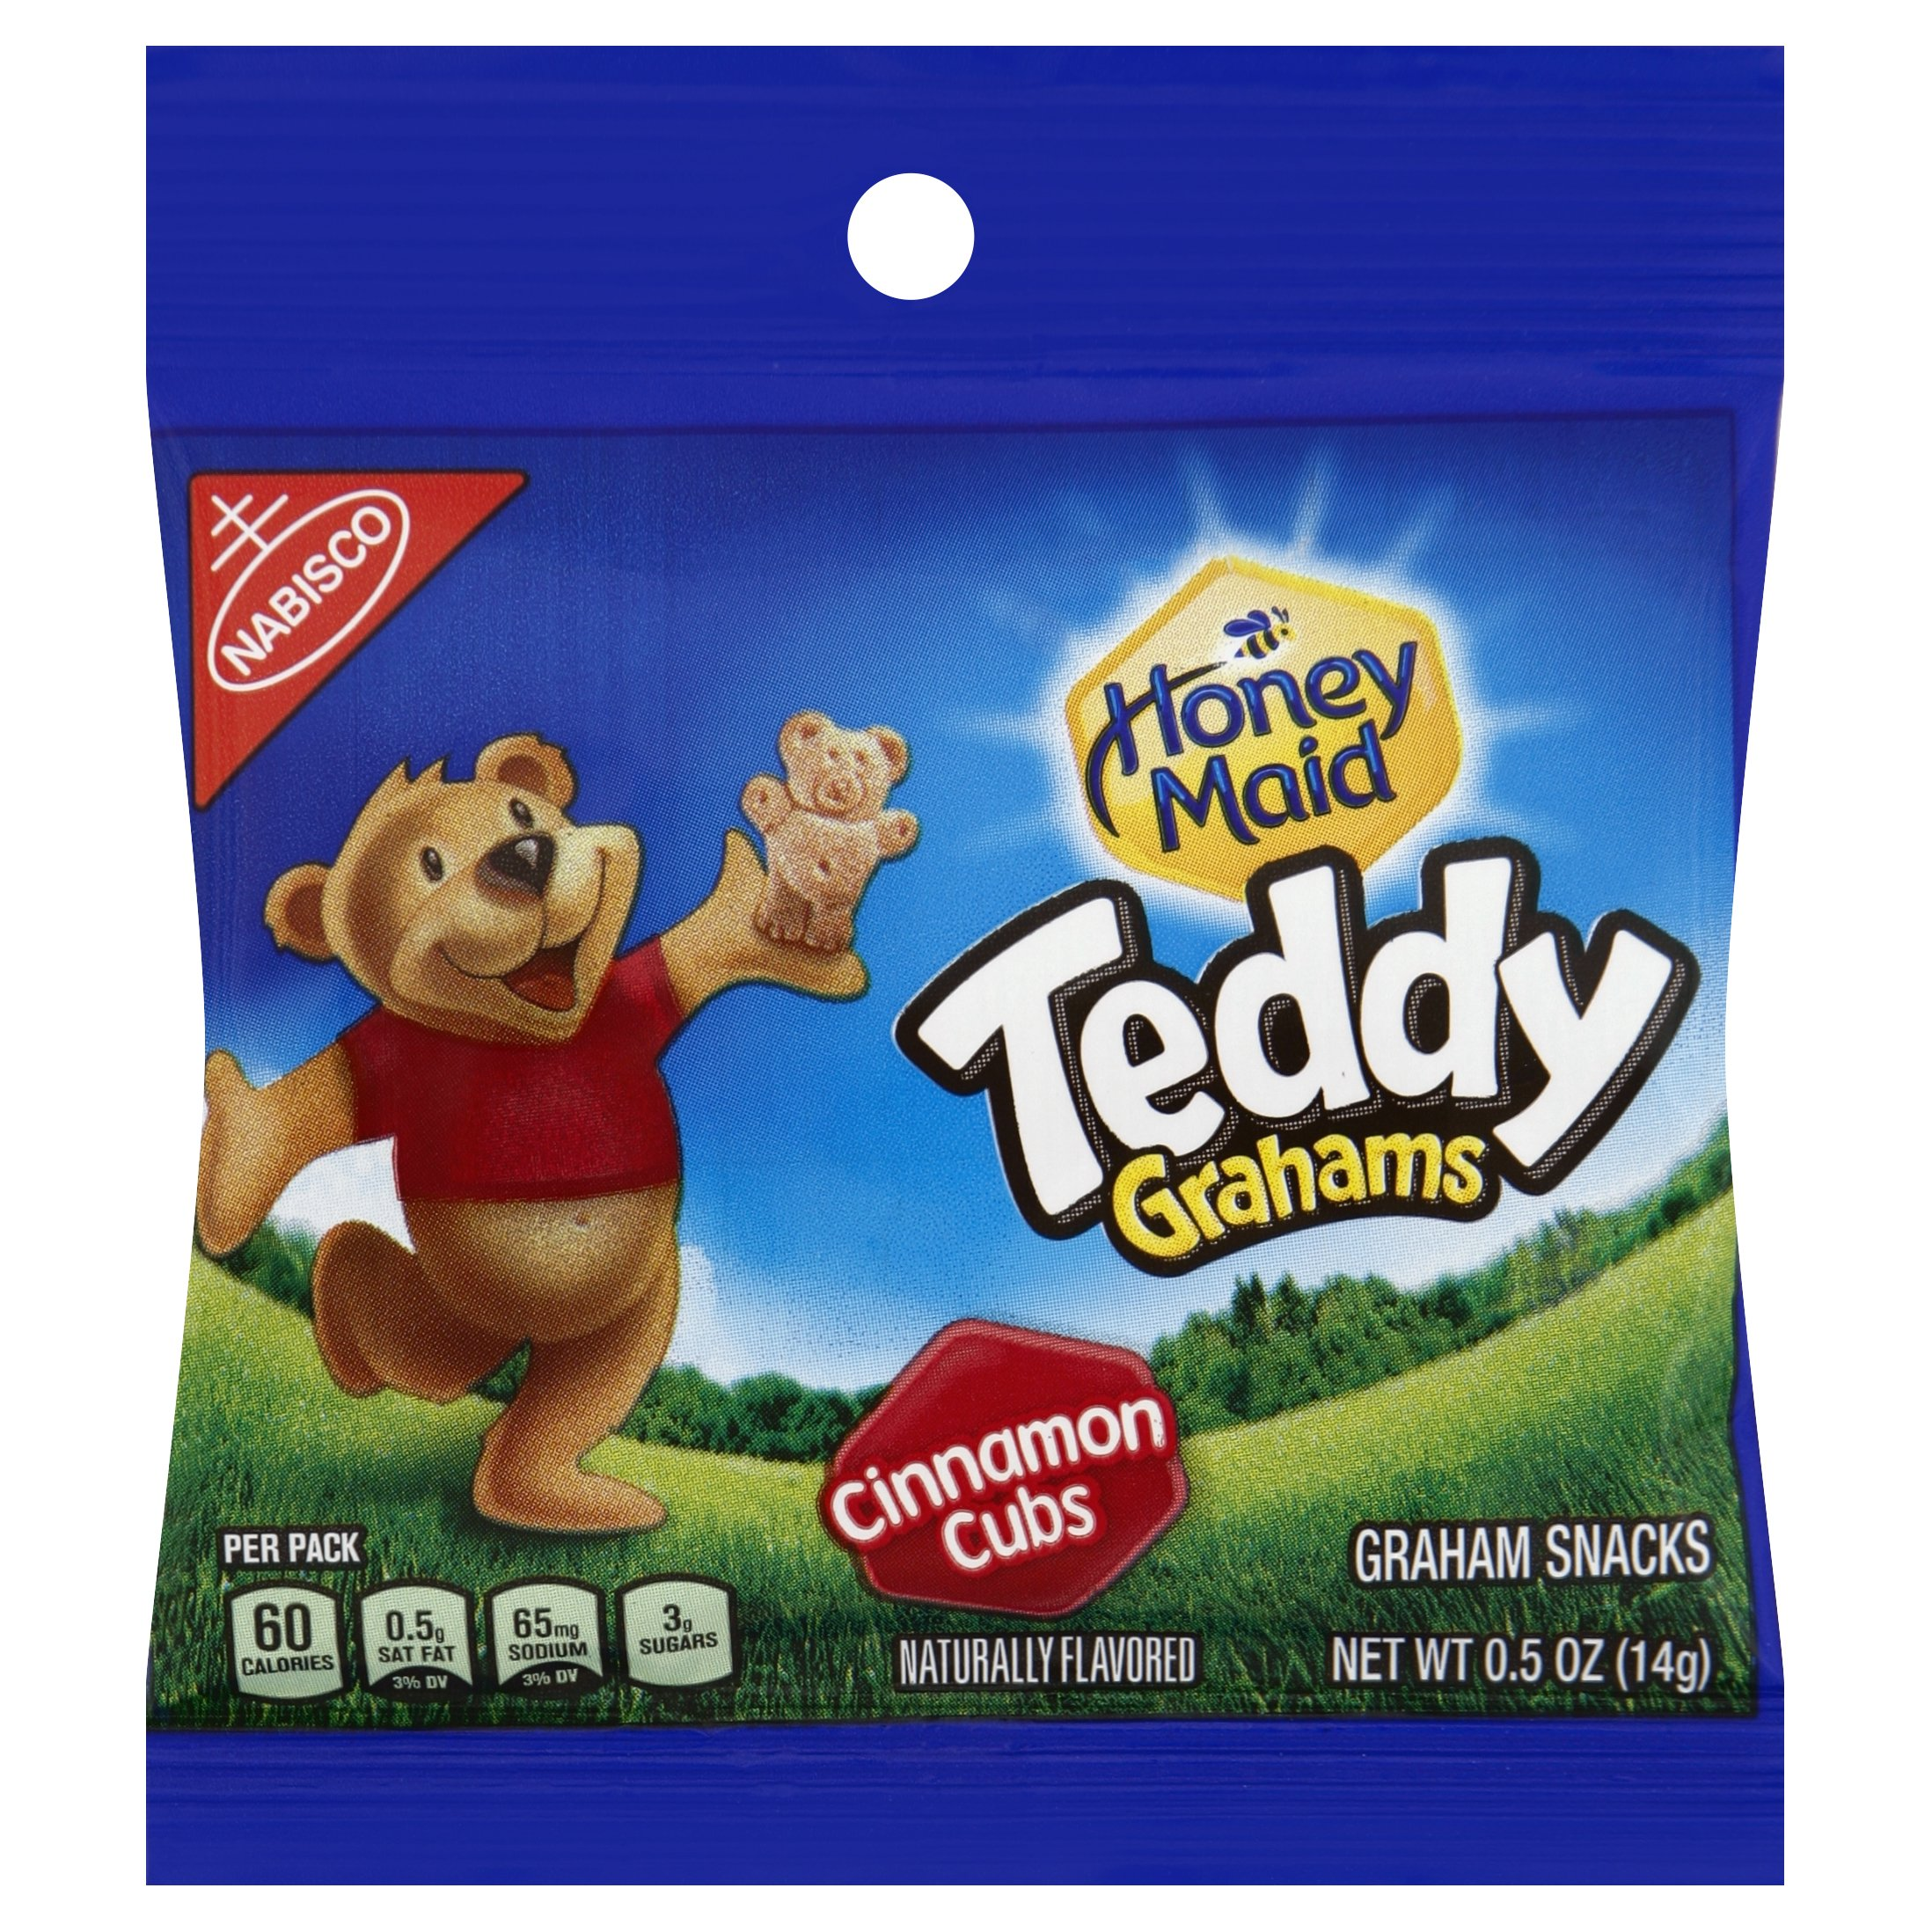 Nabisco Honey Maid Teddy Graham Cubs, Cinnamon, 0.5-Ounce Bags (Pack of 150)